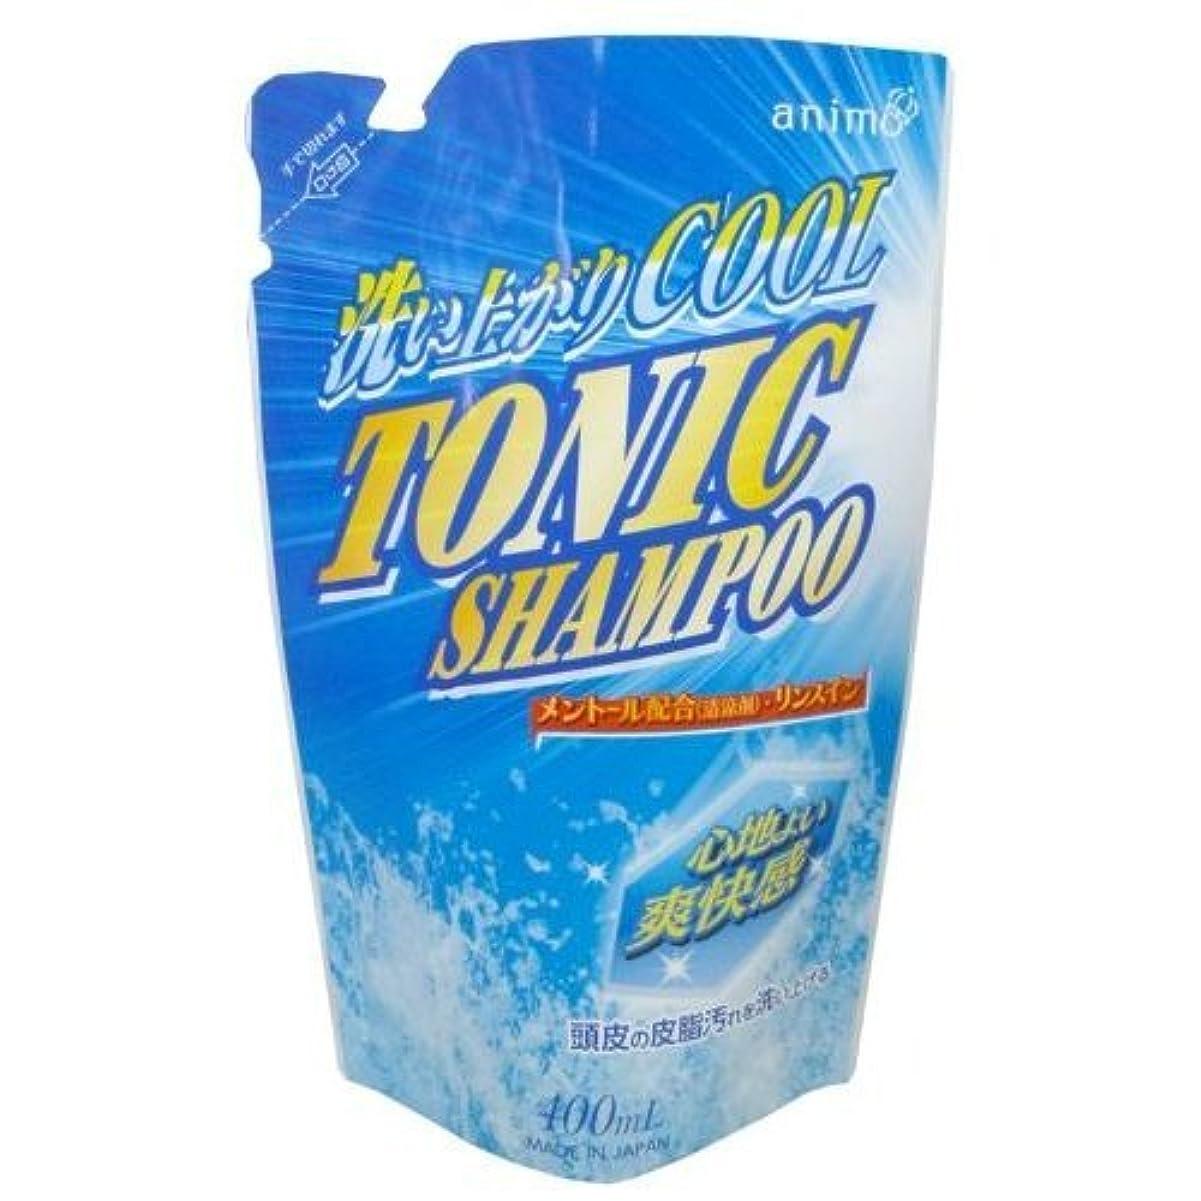 原始的な捨てるメトロポリタンロケット石鹸 トニックシャンプー 詰替用 400ml (4571113801403)